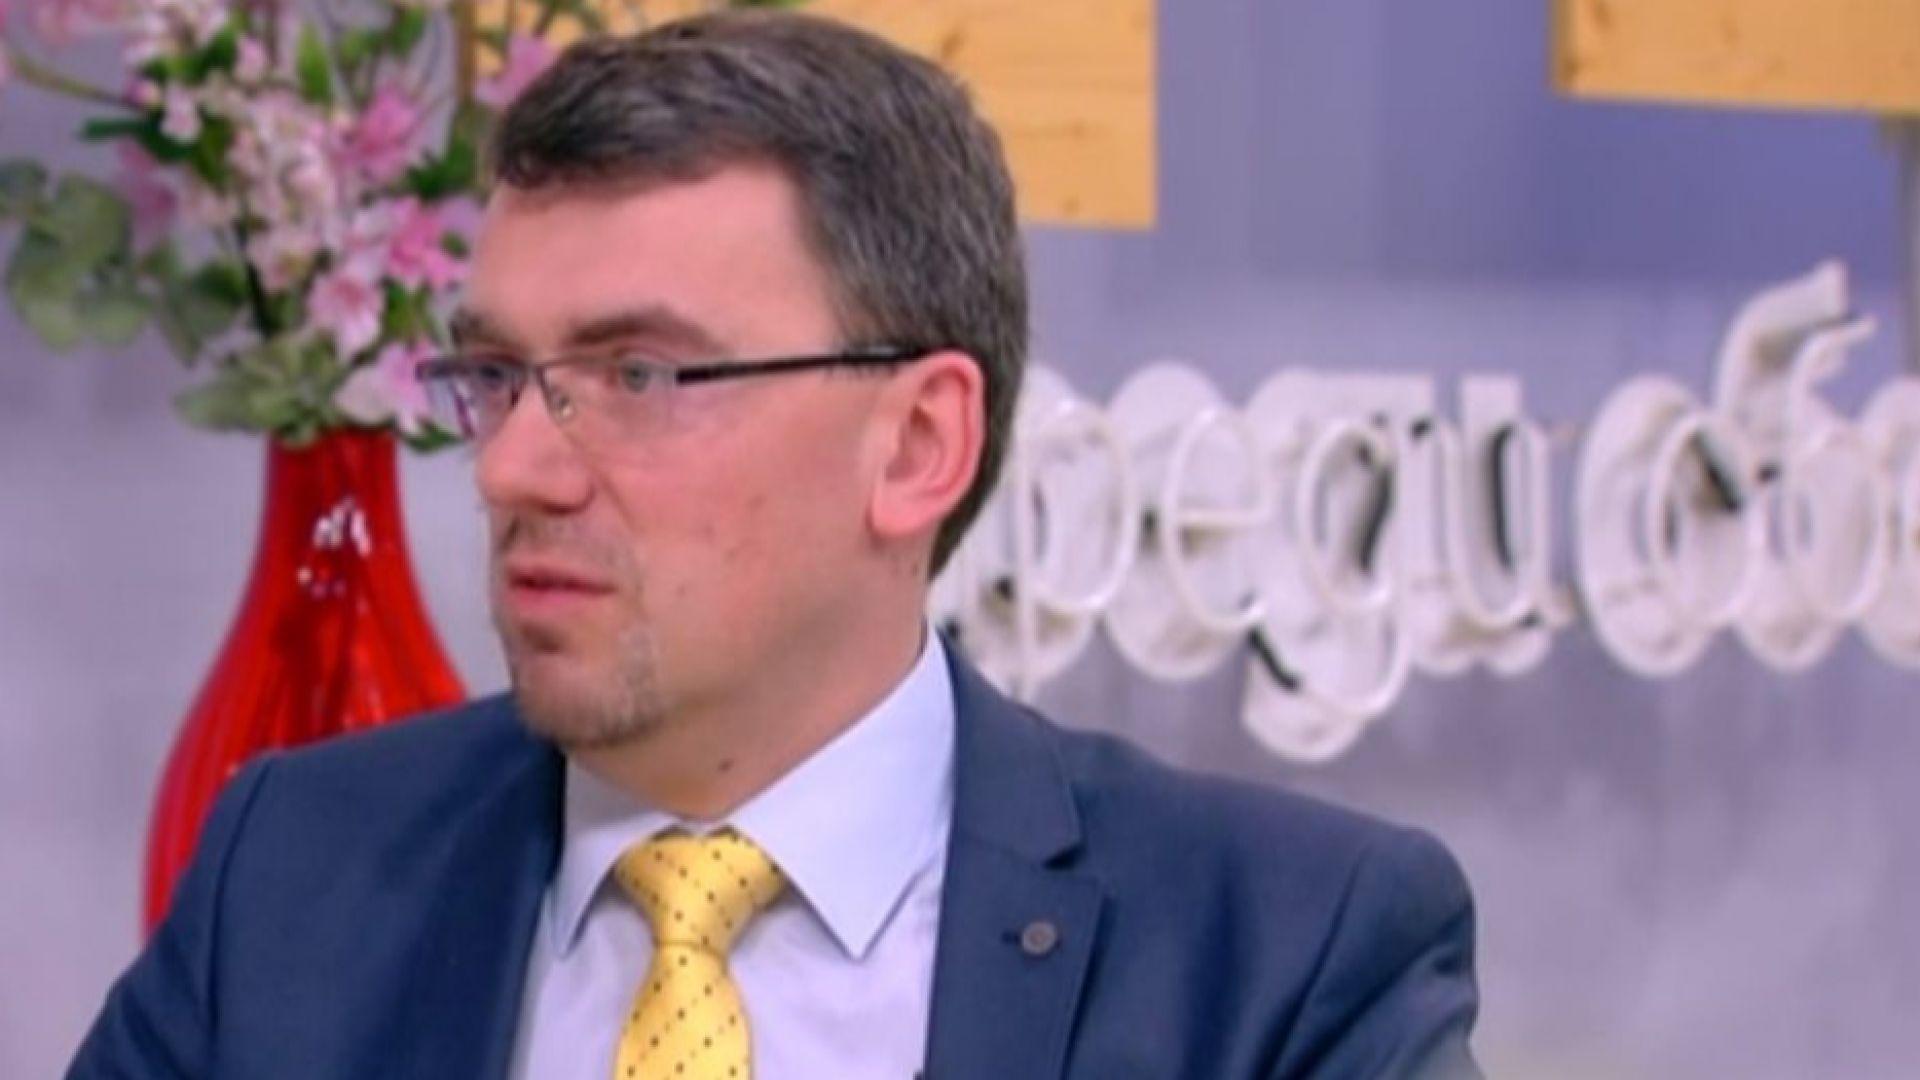 Шефът на Спешното в Габрово: Не може да чакаш скъпи пътеки и да кажеш - не мога, когато обществото има нужда